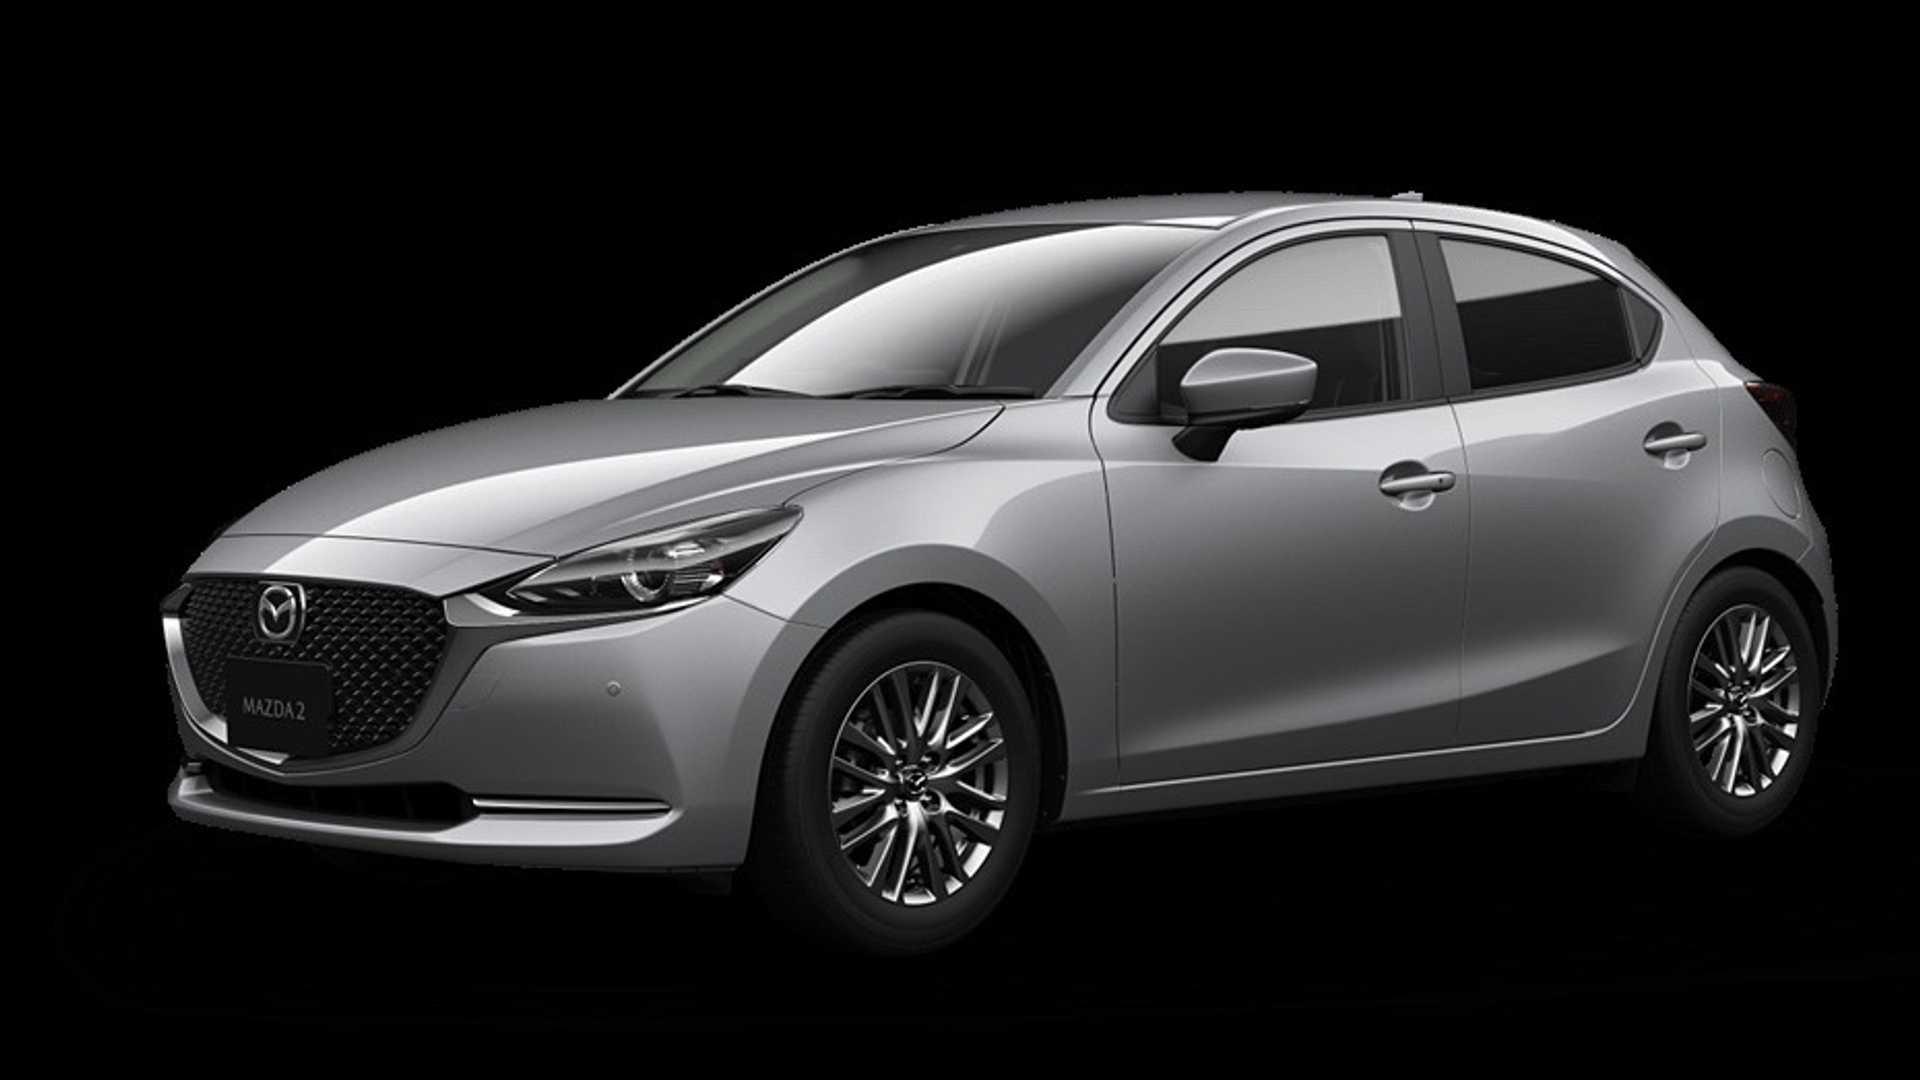 Kelebihan Kekurangan Mazda2 2020 Top Model Tahun Ini